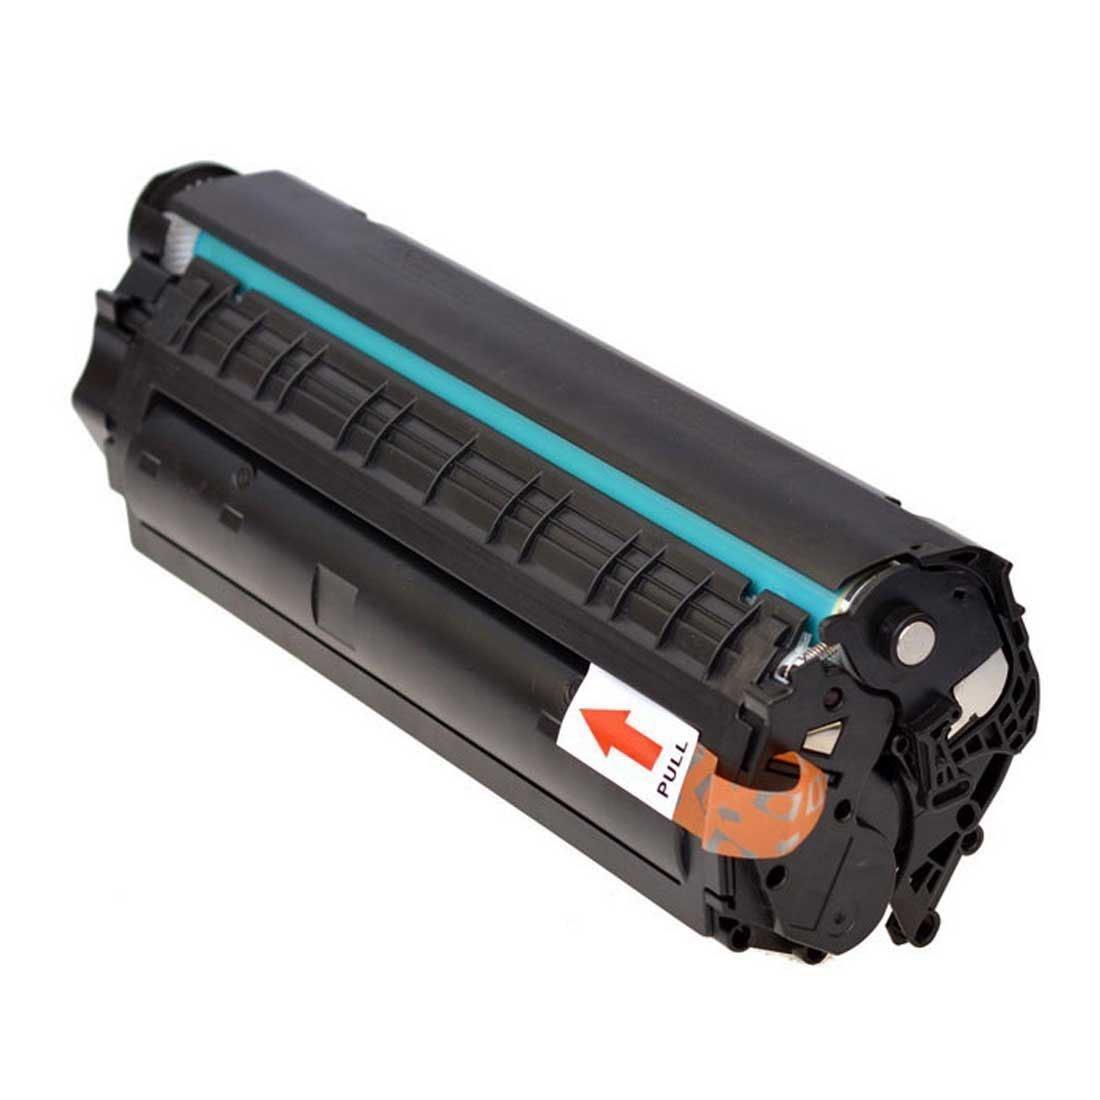 Nên mua Hộp mực máy in canon LBP 2900 ( Hàng nhập khẩu mới 100% ) ở inkshop